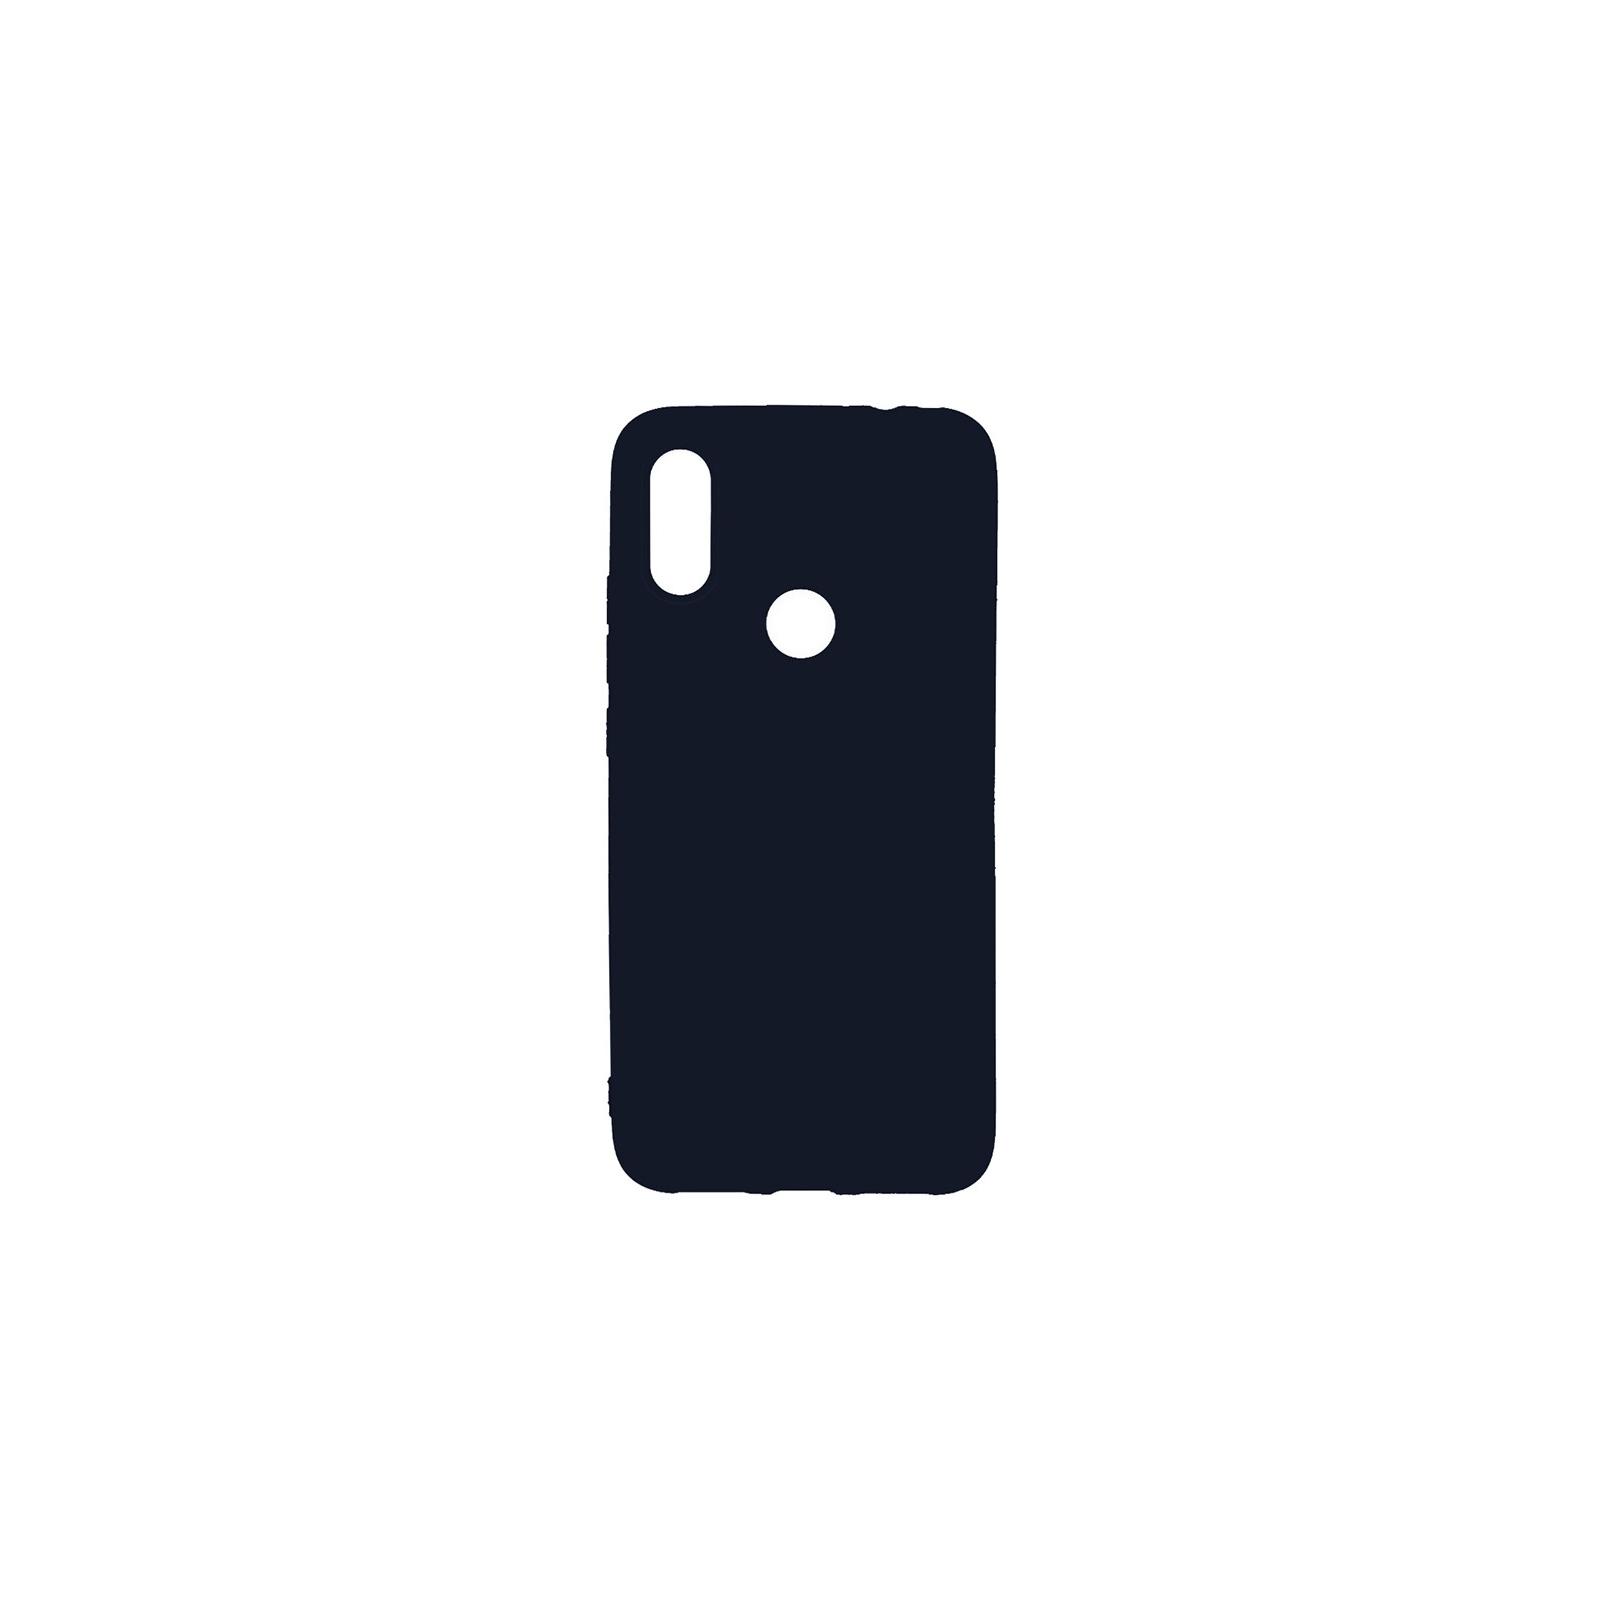 Чехол для моб. телефона Toto 1mm Matt TPU Case Xiaomi Redmi 7 Black (F_94003)